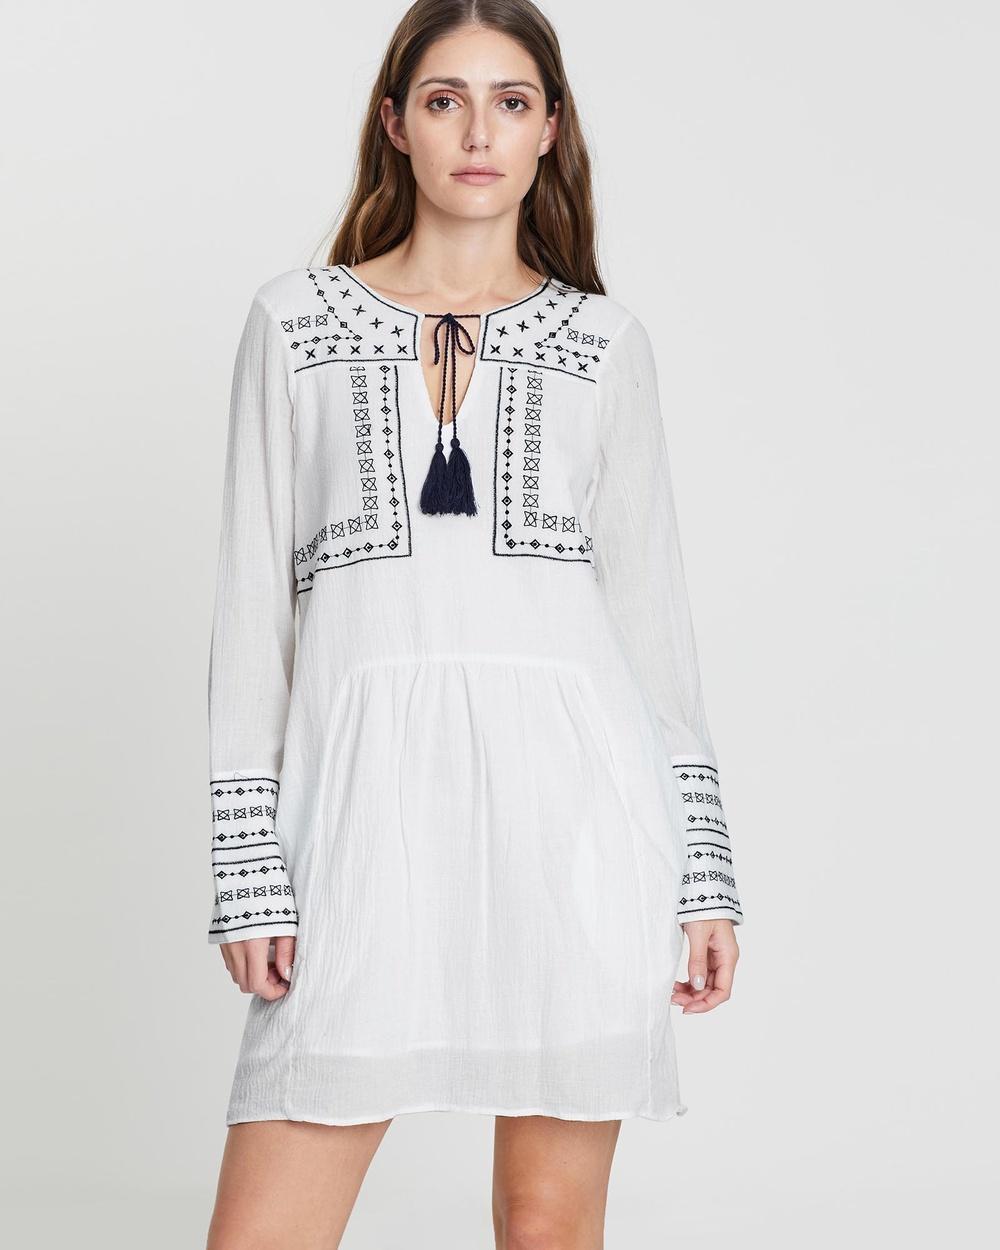 Elwood White Mon Dress